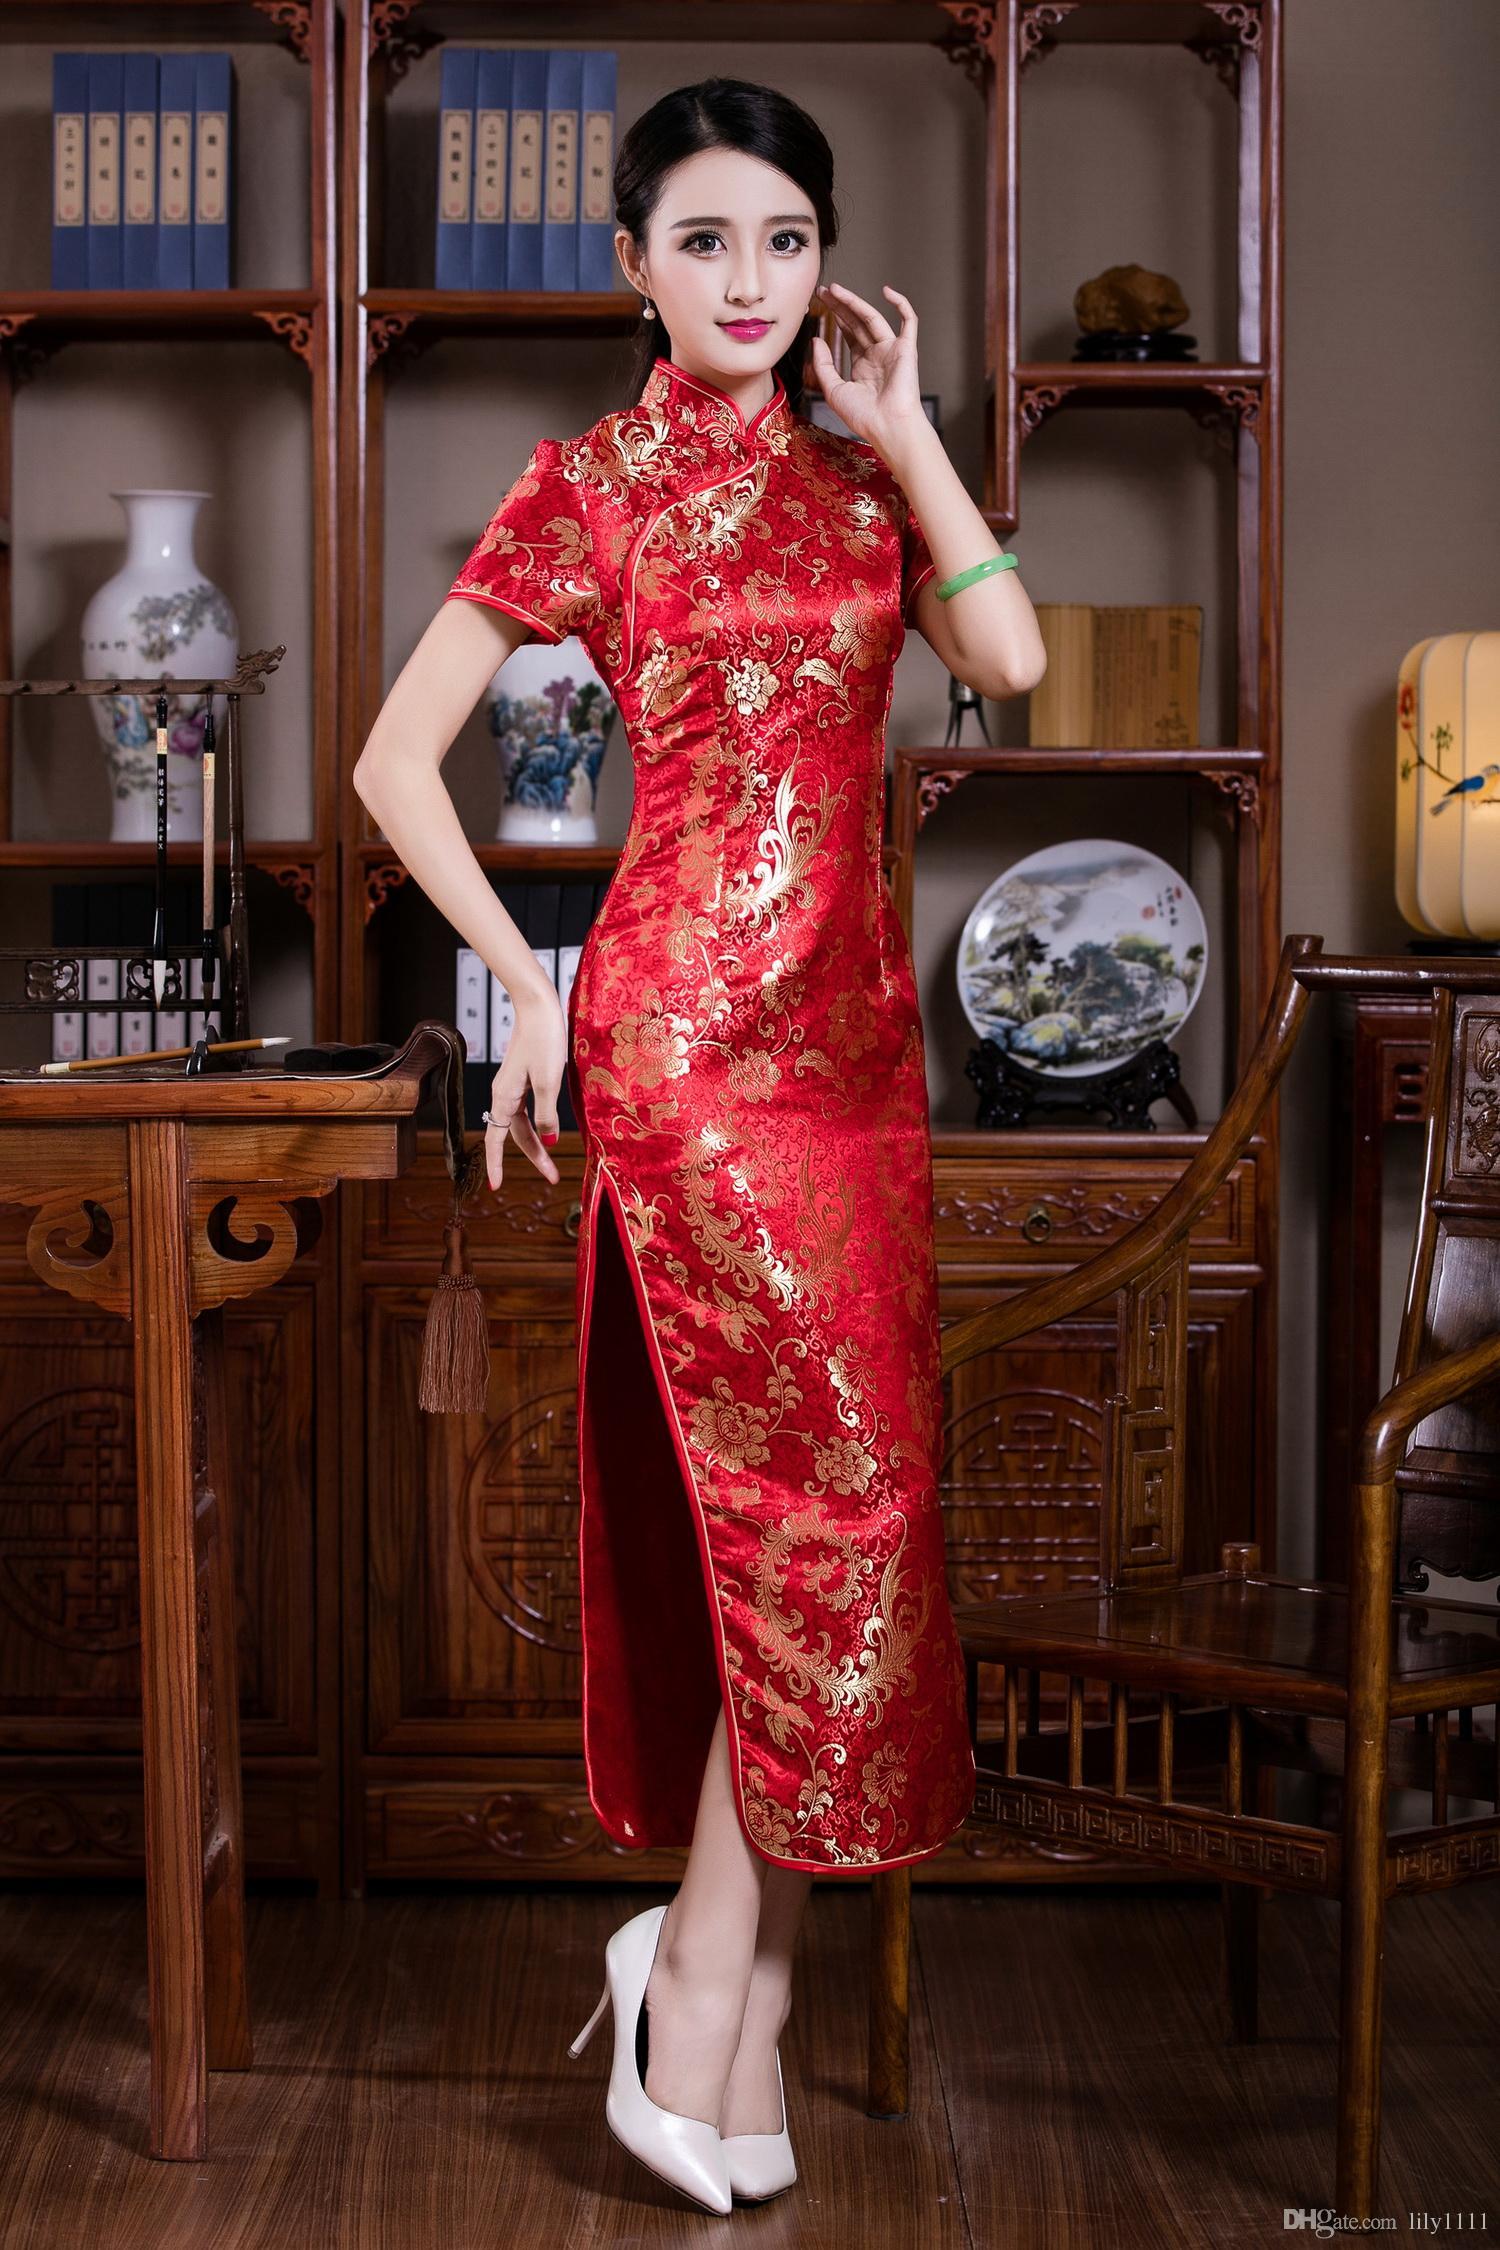 Qipao vestido de las mujeres traje tradicional chino barato libre Ropa de Cheong-sam de vestir vestidos largos de China vestidos de rojo de la vendimia